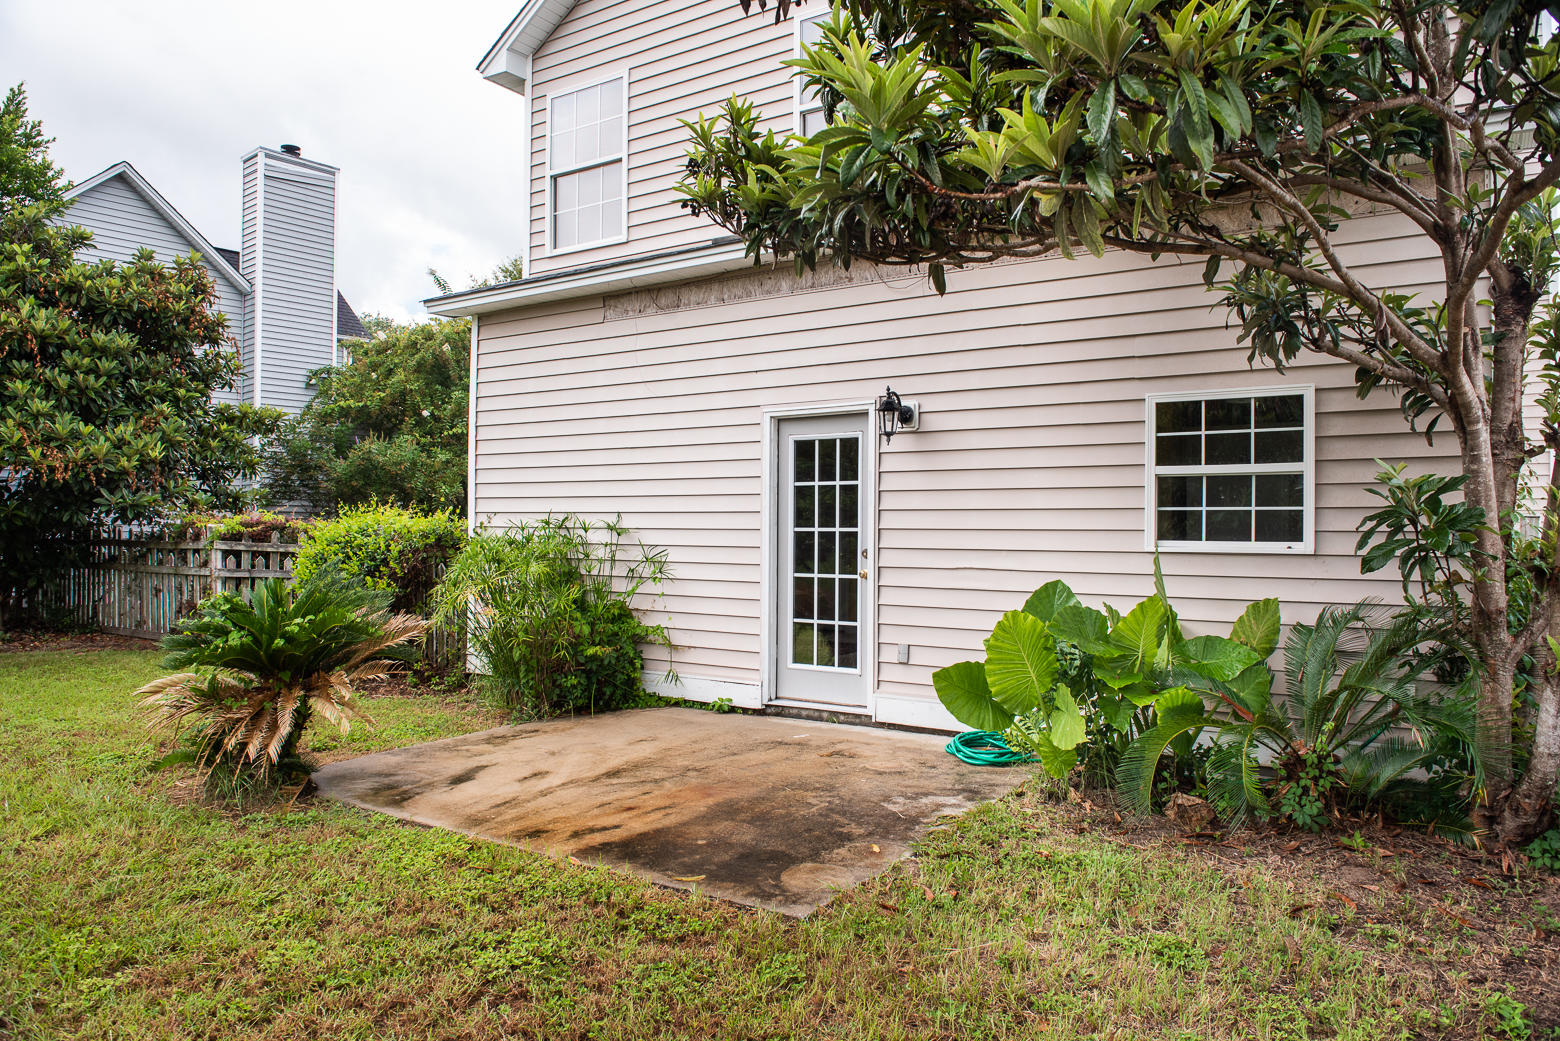 Jamestowne Village Homes For Sale - 1445 Swamp Fox, Charleston, SC - 33